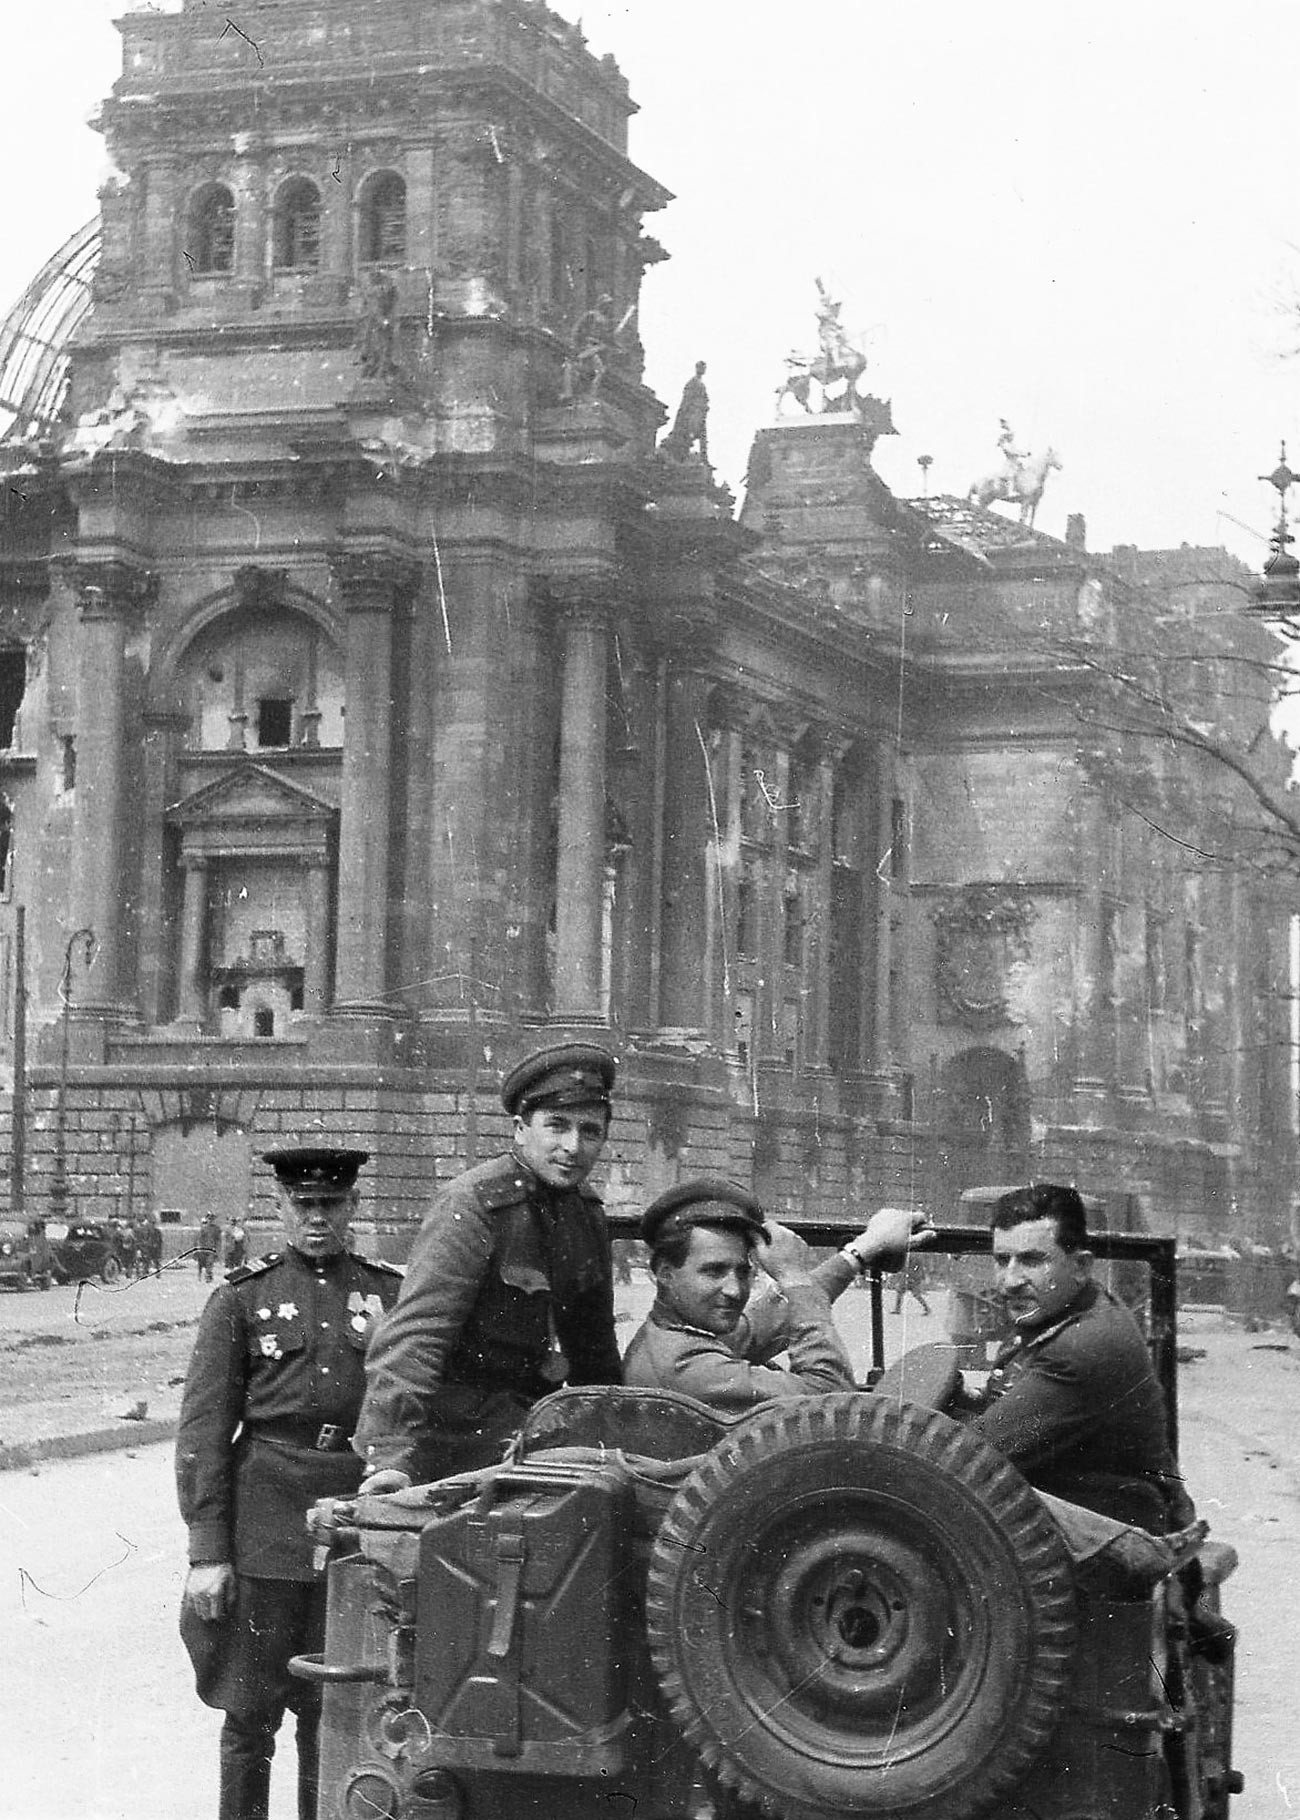 En el edificio del Reichstag, Berlín, 1945 De izquierda a derecha: El General Mayor Matvei Vaintrub, el escritor Konstantín Símonov, el camarógrafo Iliá Arons.